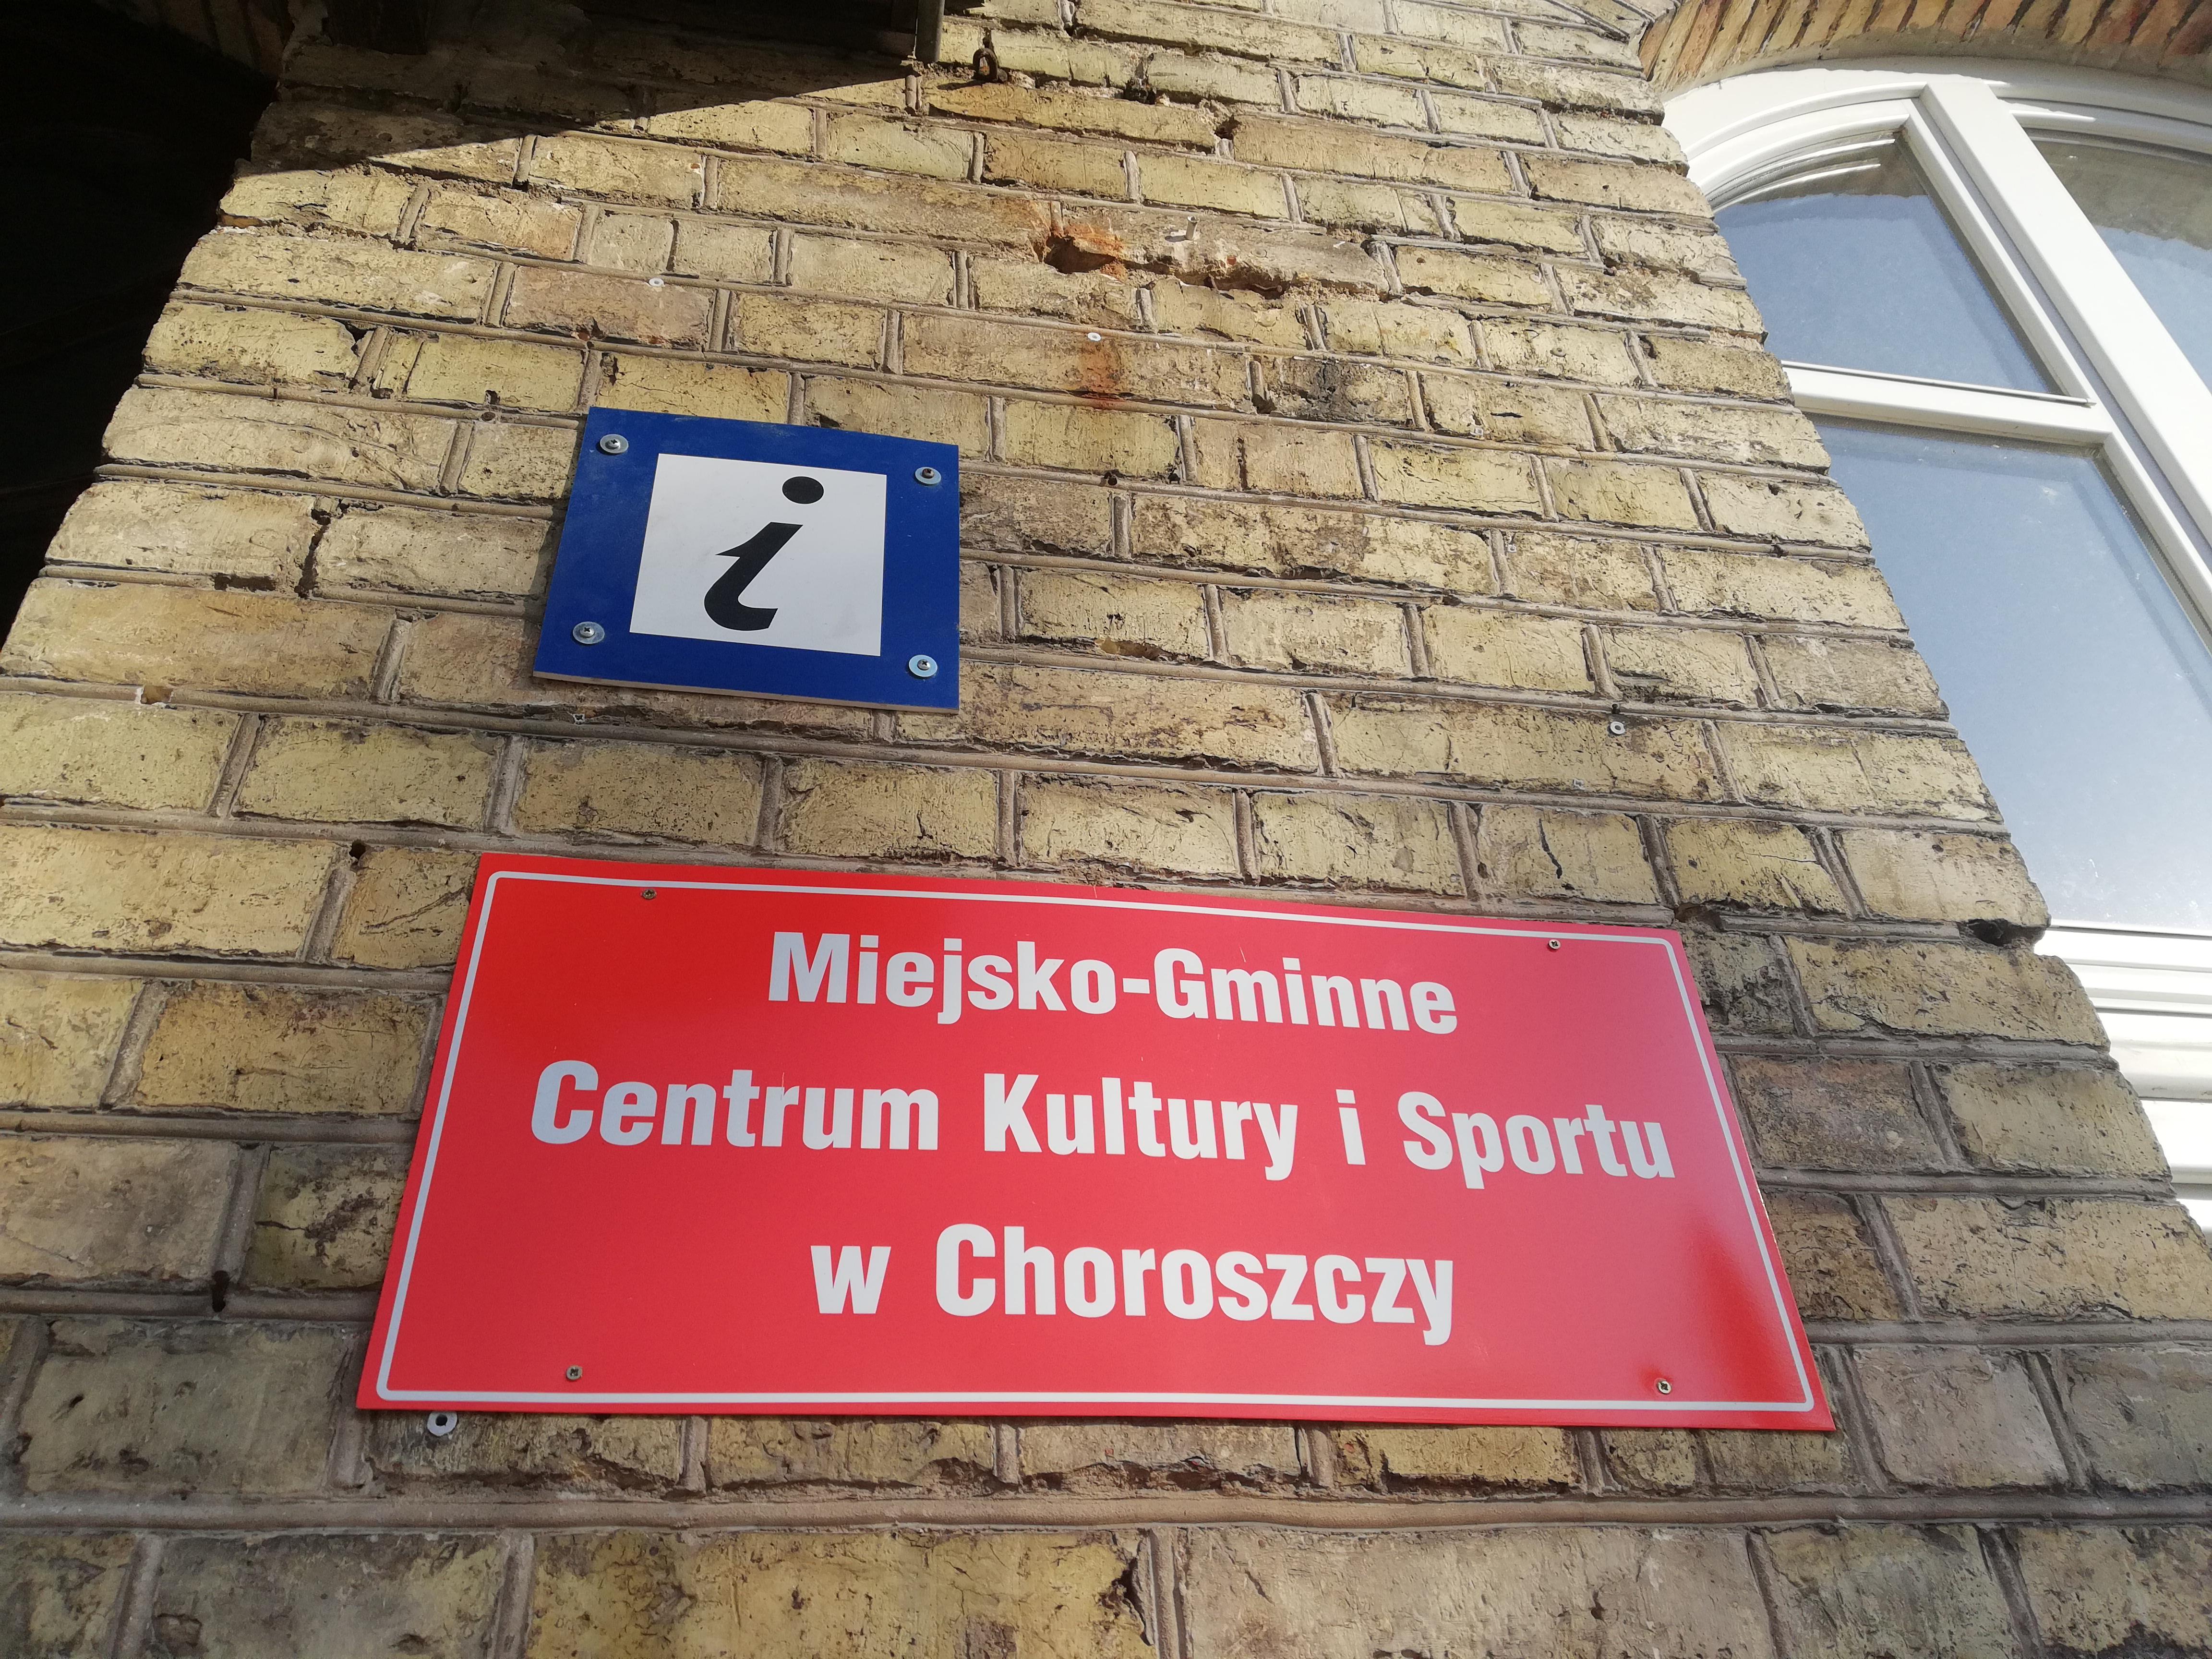 Tabliczka przed wejściem do budynku z napisem Miejsko-Gminne Centrum Kultury i Sportu w Choroszczy